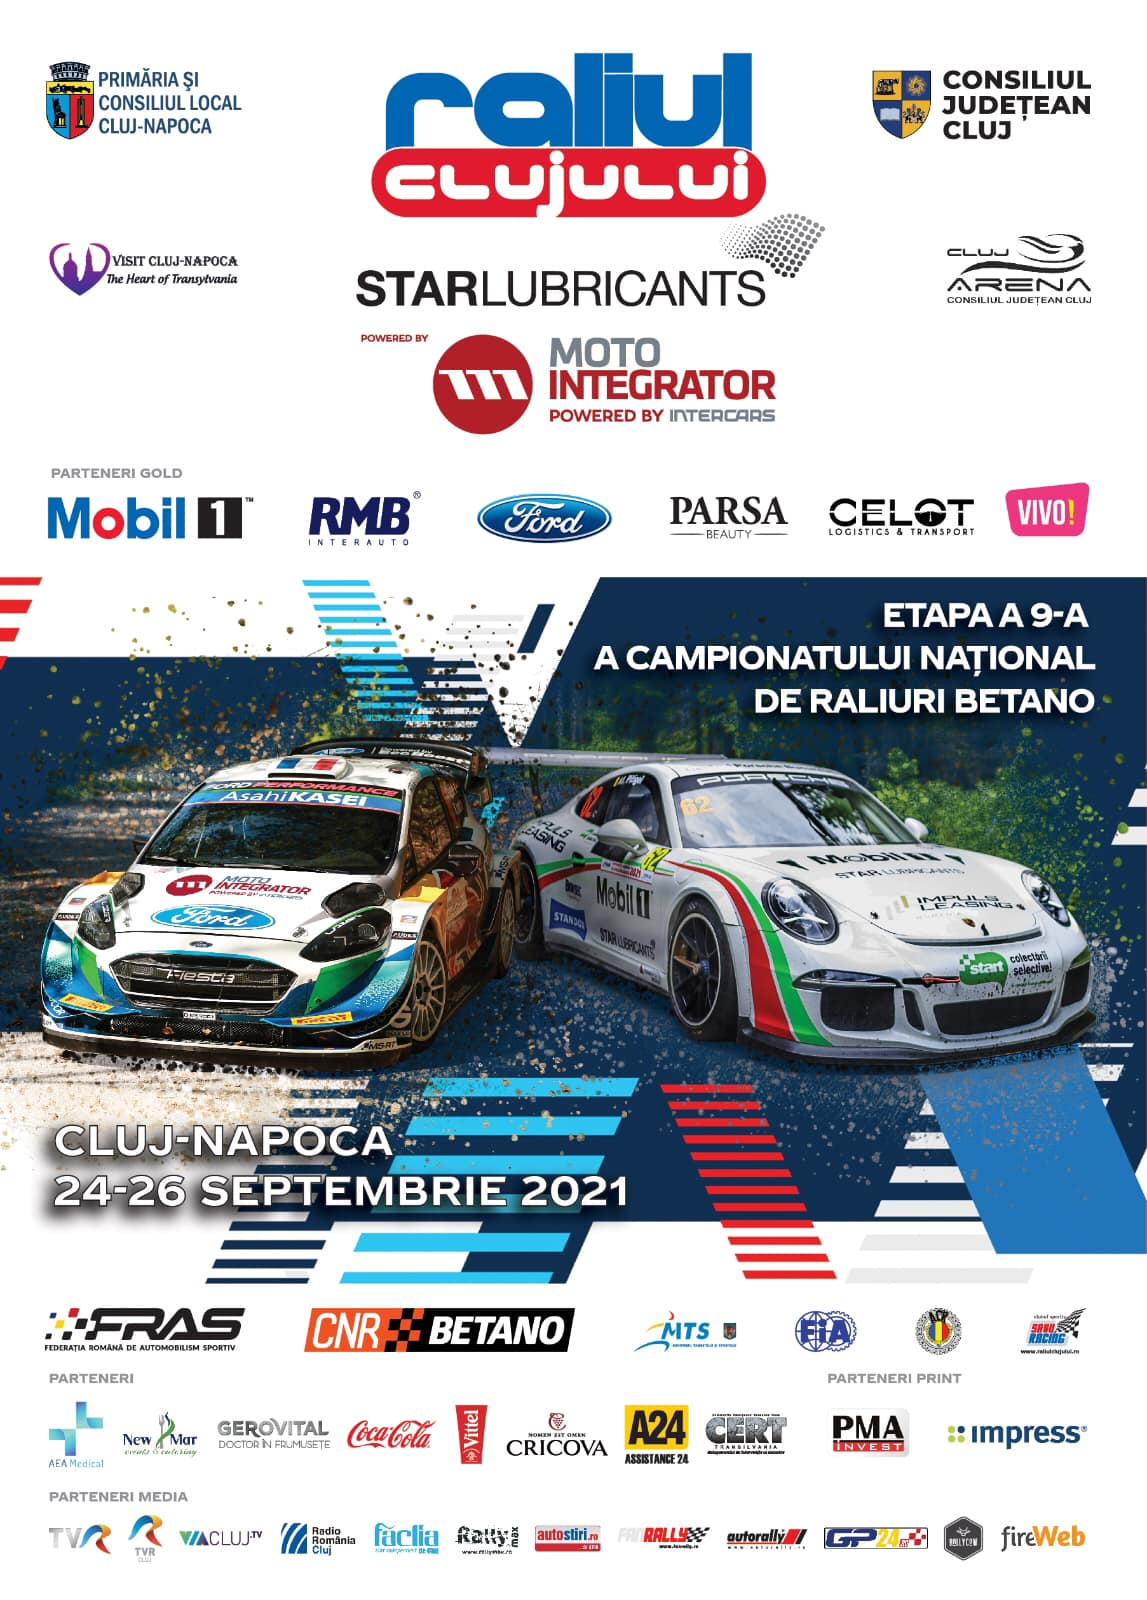 Raliului Clujului Star Lubricants powered by MotoIntegrator a intrat în linie dreaptă cu pregătirile